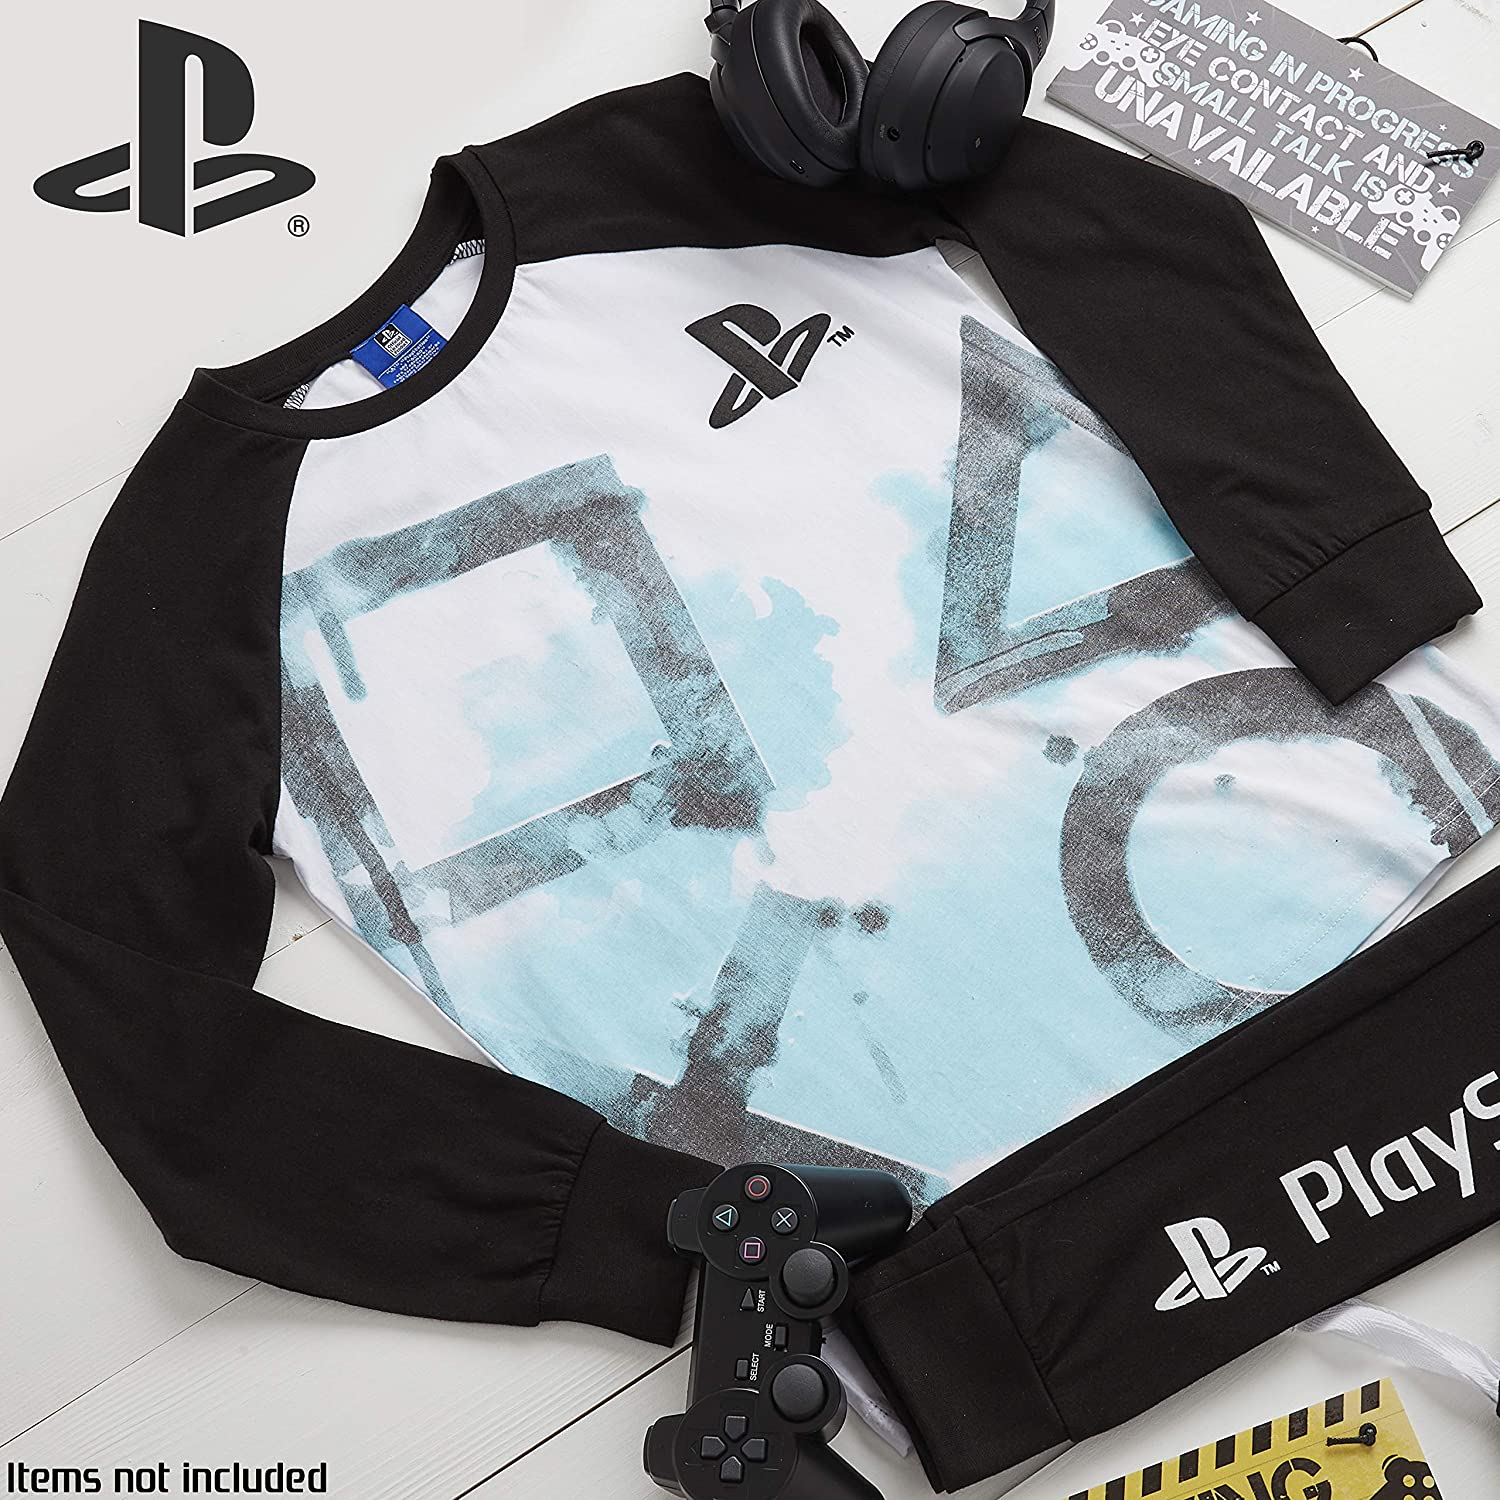 V/êtement D/étente Officiel Jeu Play Station Playstation Pyjama Garcon Id/ée Cadeau Adolescent Theme Jeux Vid/éo Pyjama Ado Garcons Ou Filles en Coton 7-15 Ans